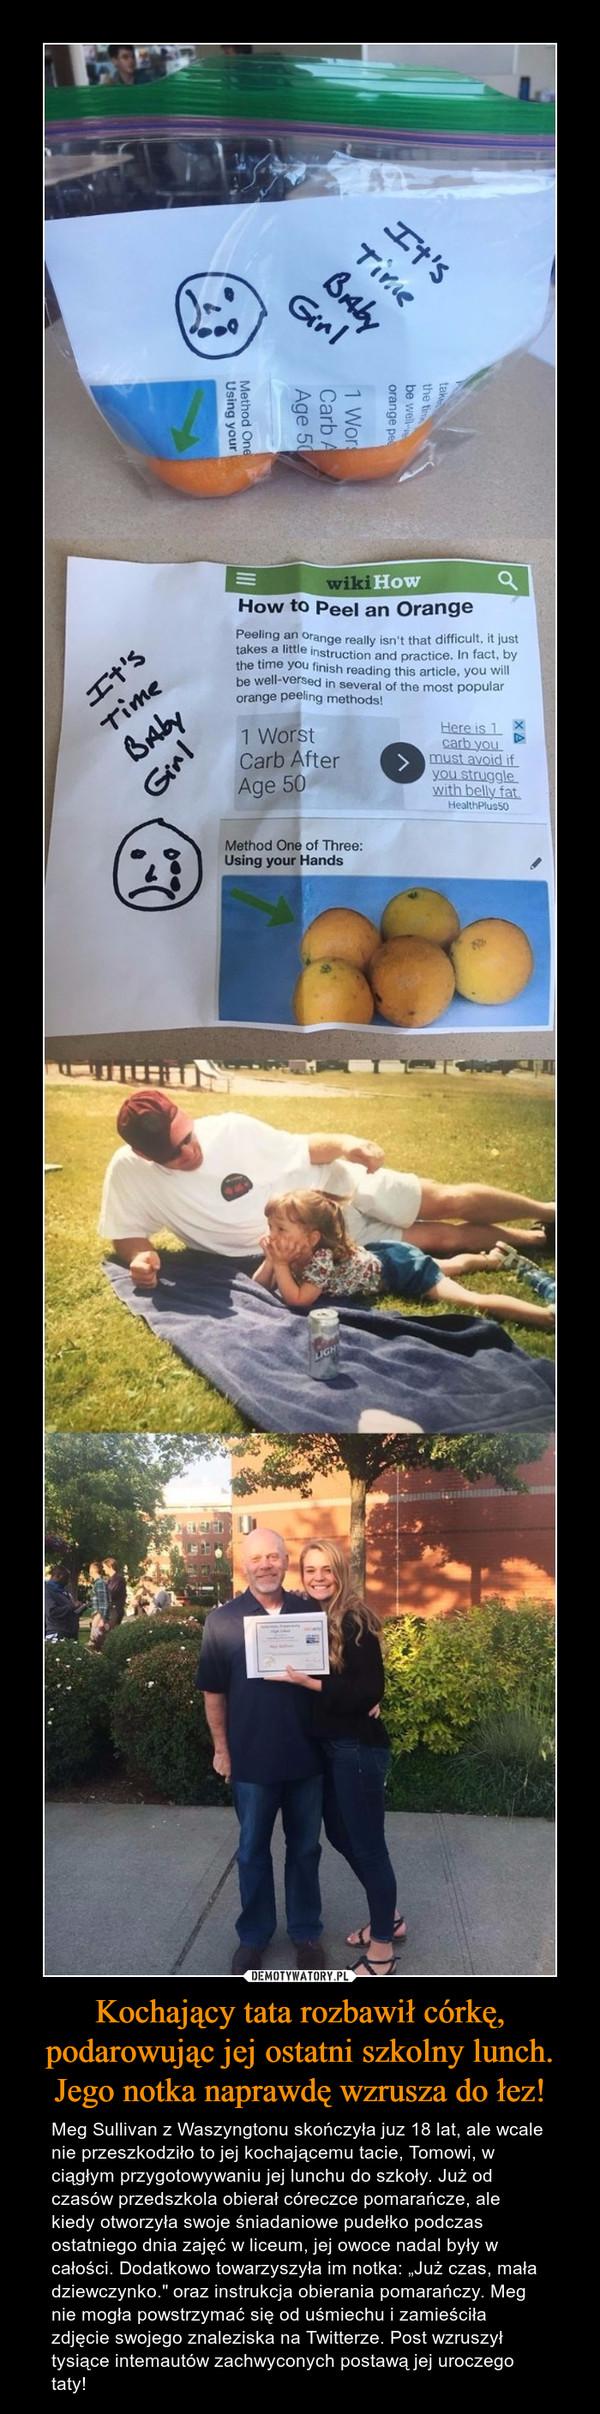 """Kochający tata rozbawił córkę, podarowując jej ostatni szkolny lunch. Jego notka naprawdę wzrusza do łez! – Meg Sullivan z Waszyngtonu skończyła juz 18 lat, ale wcale nie przeszkodziło to jej kochającemu tacie, Tomowi, w ciągłym przygotowywaniu jej lunchu do szkoły. Już od czasów przedszkola obierał córeczce pomarańcze, ale kiedy otworzyła swoje śniadaniowe pudełko podczas ostatniego dnia zajęć w liceum, jej owoce nadal były w całości. Dodatkowo towarzyszyła im notka: """"Już czas, mała dziewczynko."""" oraz instrukcja obierania pomarańczy. Meg nie mogła powstrzymać się od uśmiechu i zamieściła zdjęcie swojego znaleziska na Twitterze. Post wzruszył tysiące intemautów zachwyconych postawą jej uroczego taty!"""